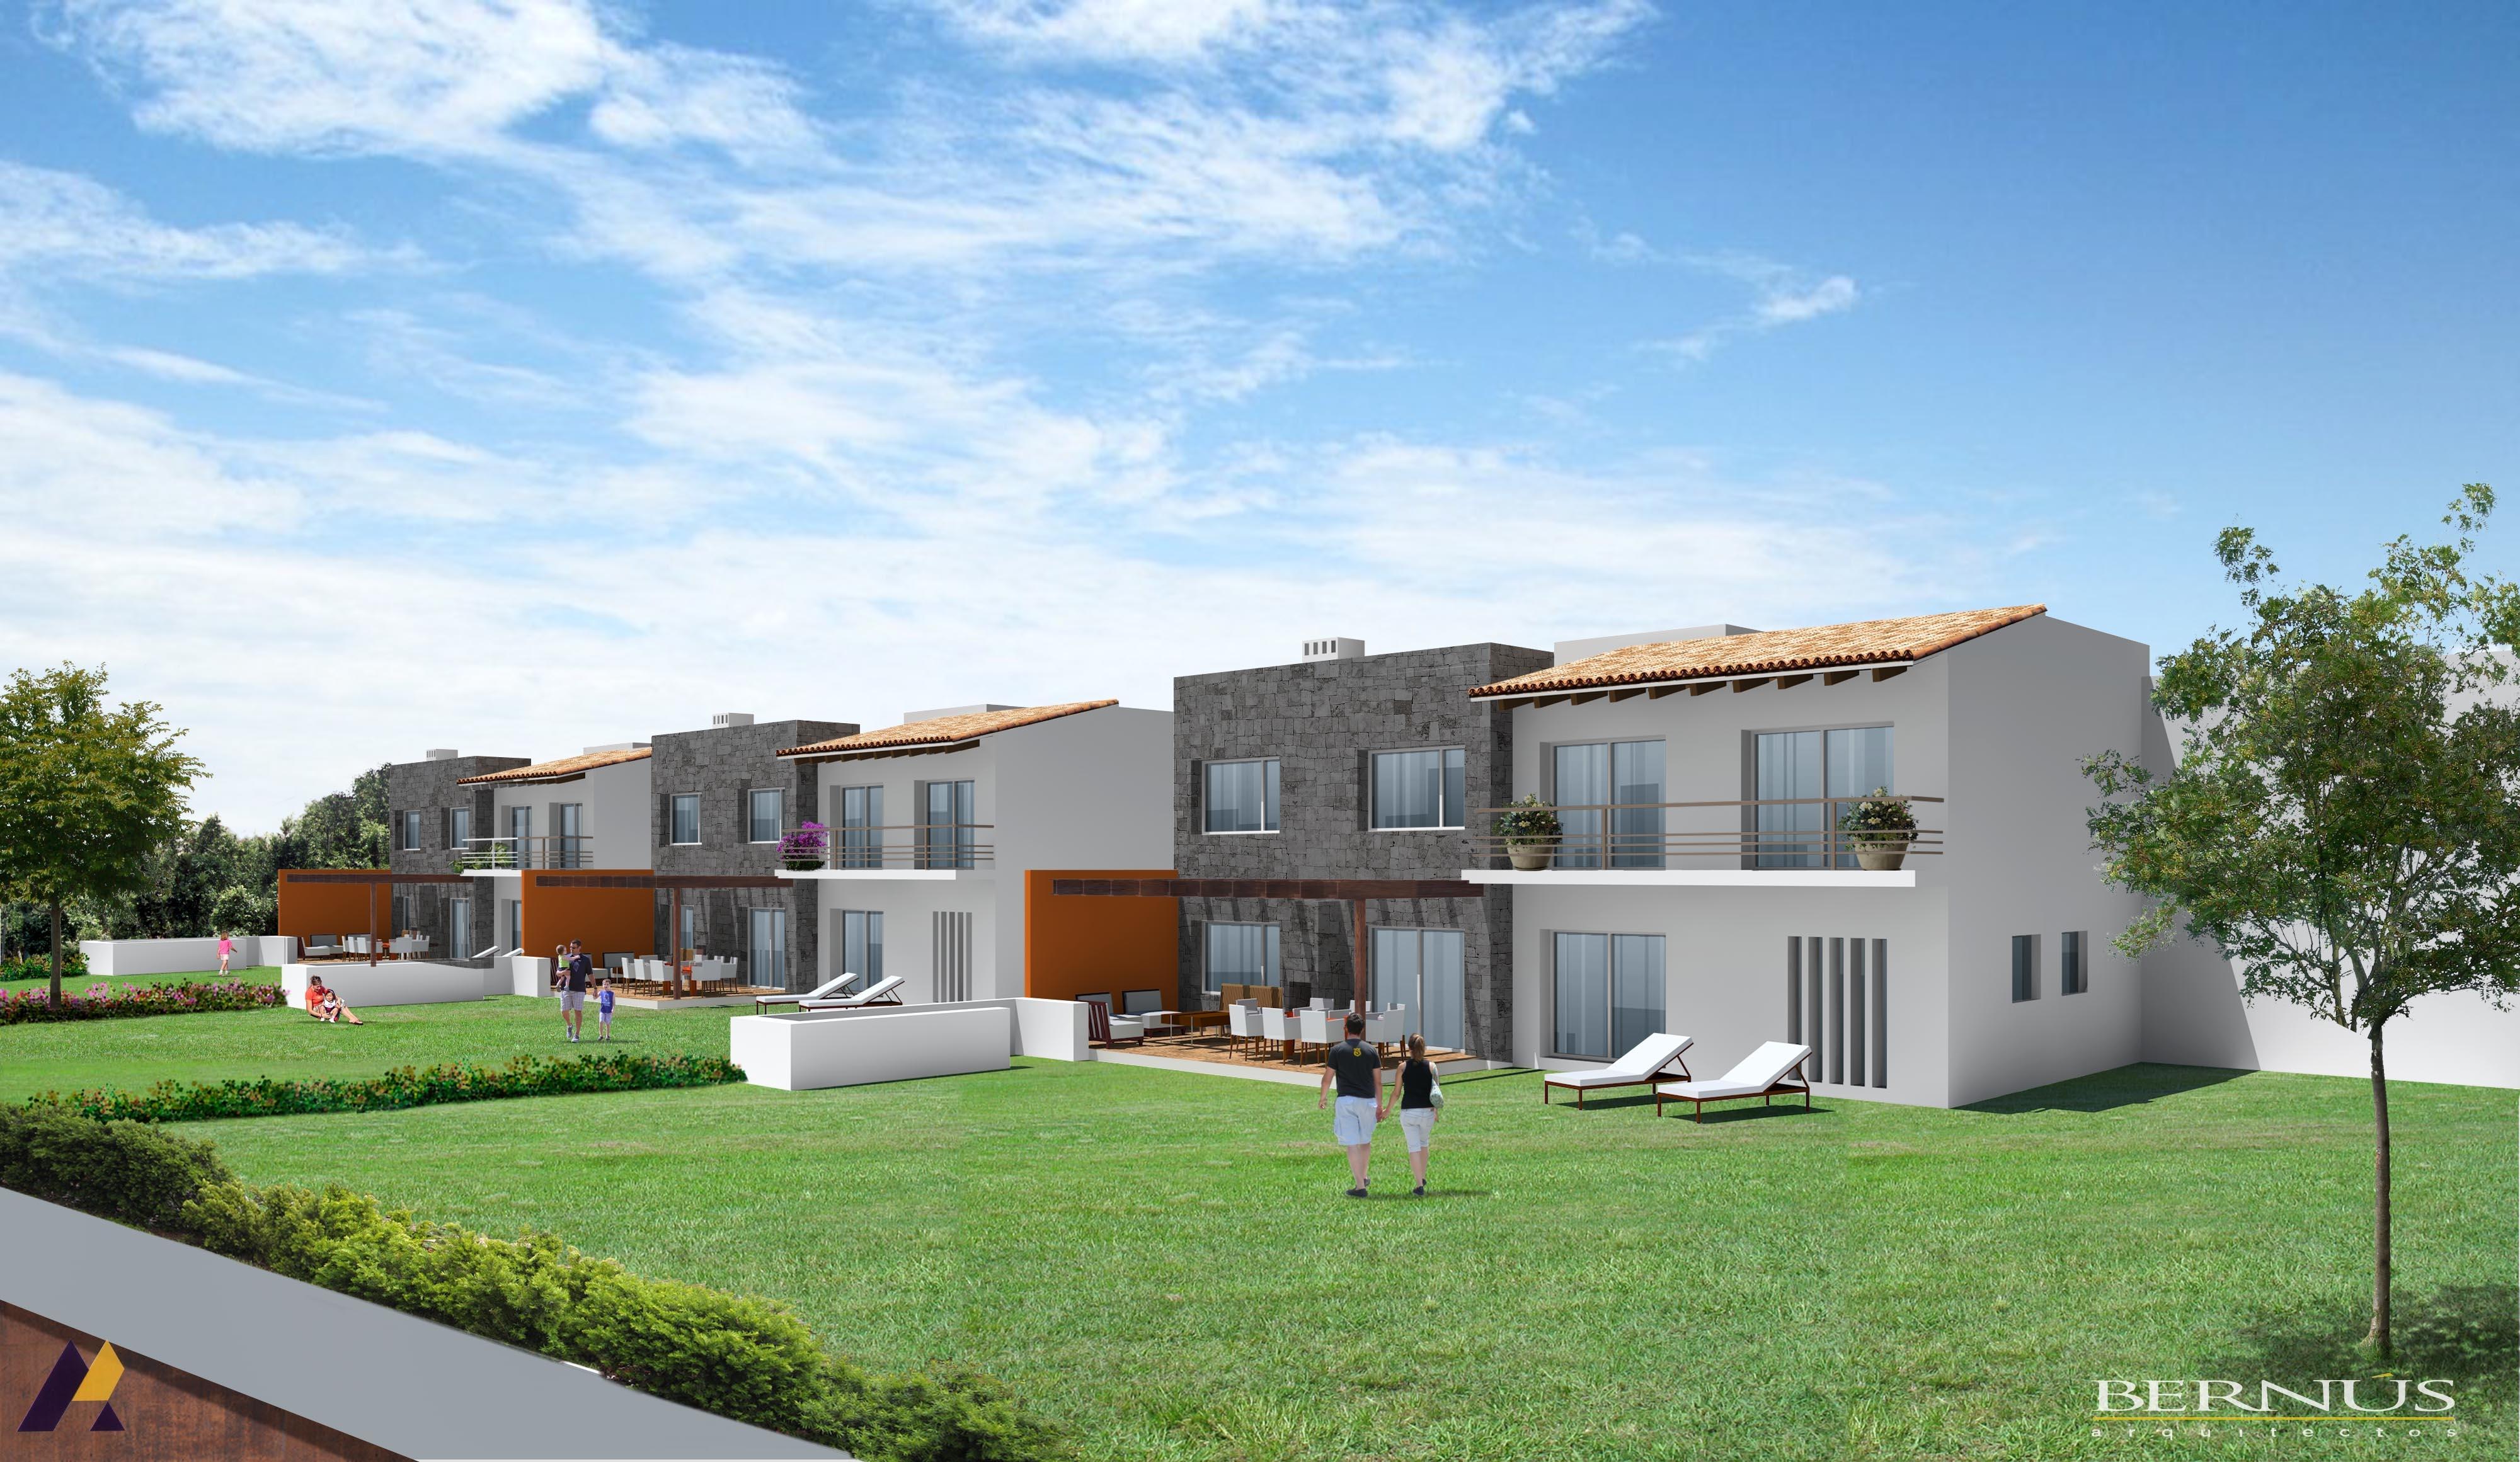 Nuevas casas en valle de bravo Noticias de arquitectura recientes